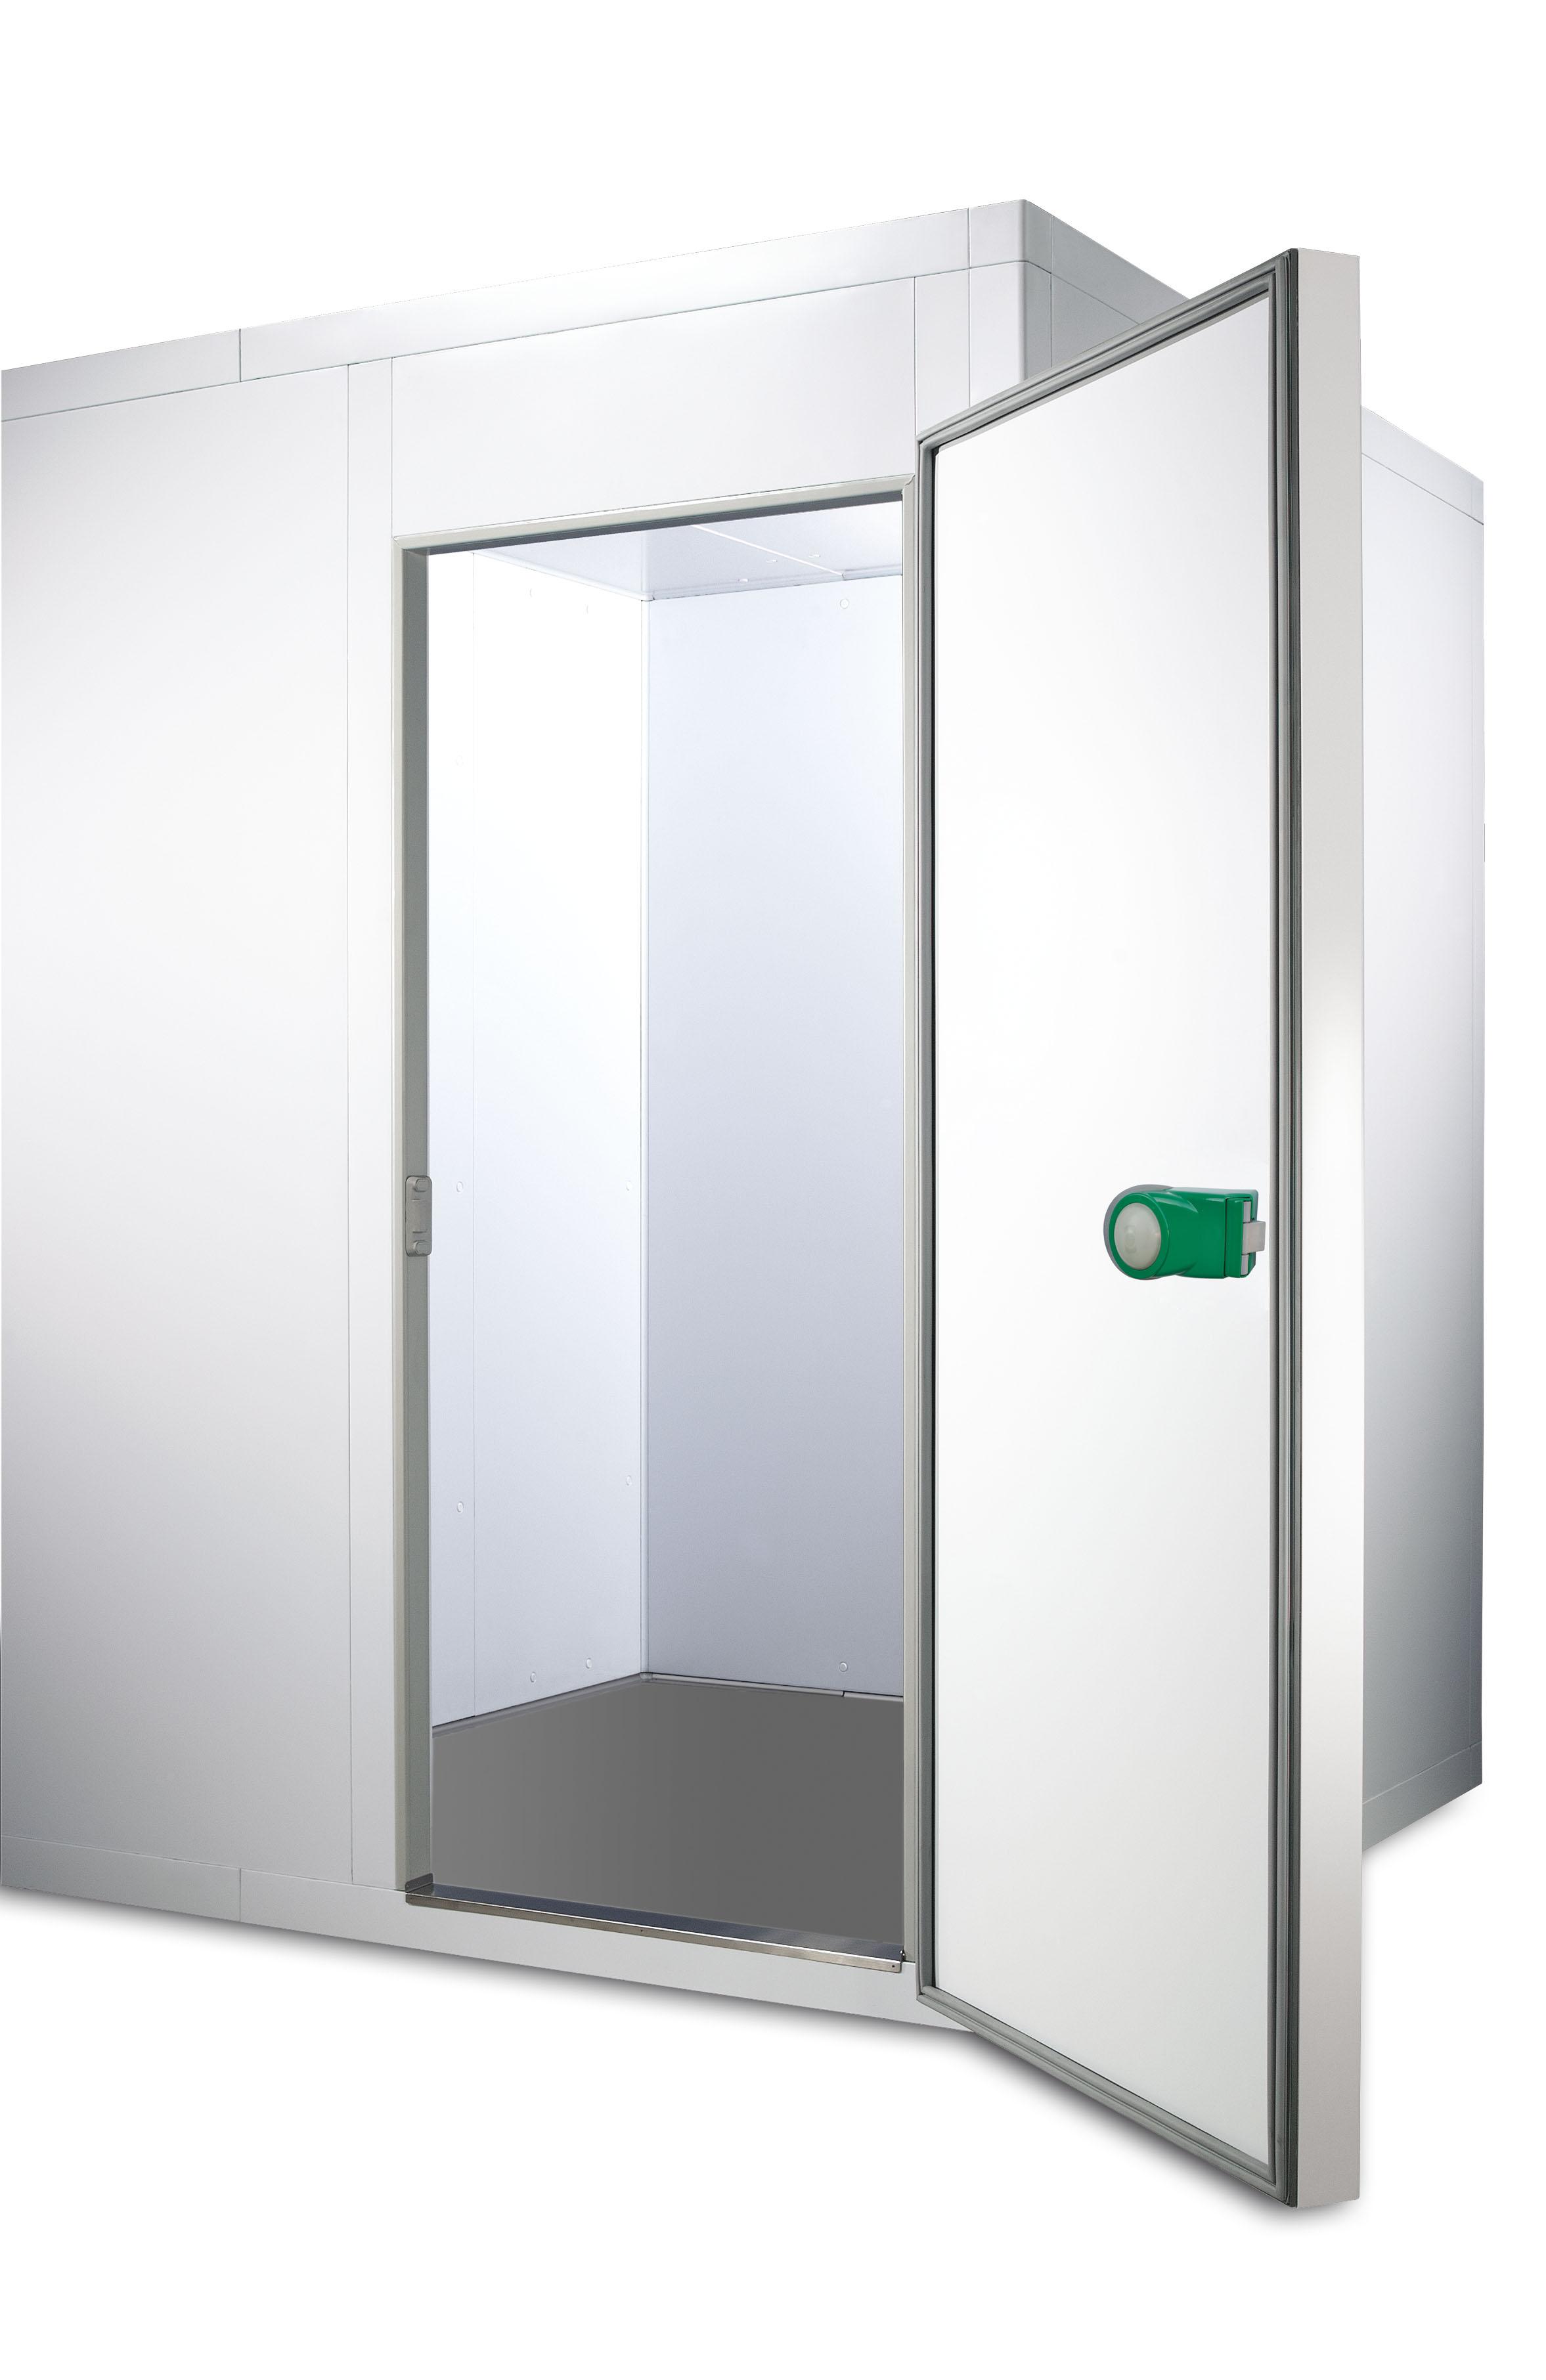 Akú veľkosť chladiaceho boxu